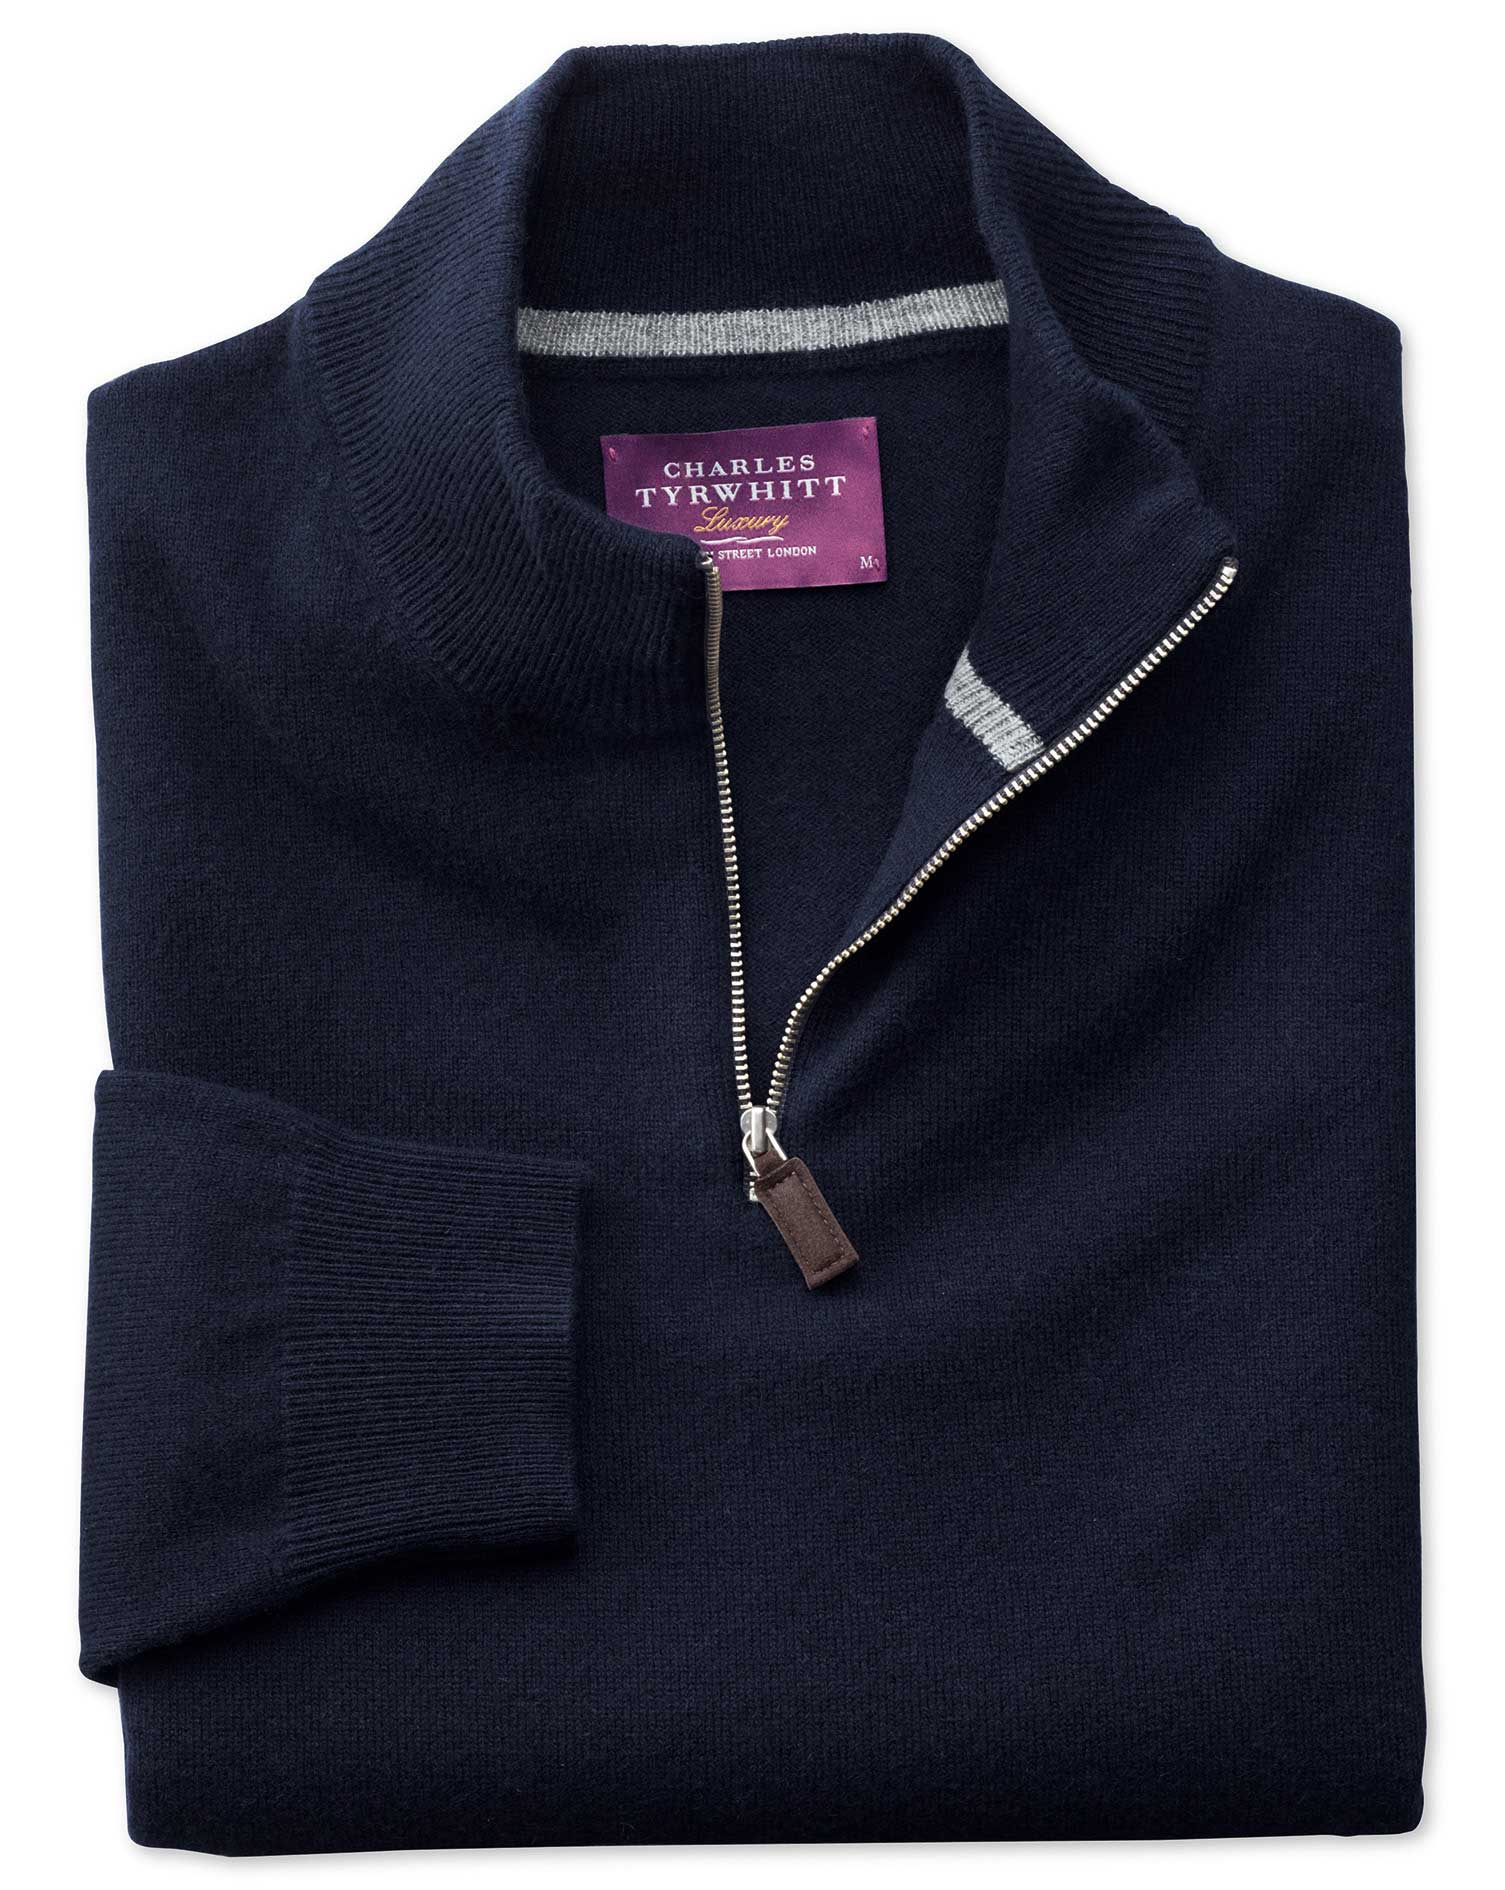 Navy Cashmere Zip Neck Jumper Size Medium by Charles Tyrwhitt